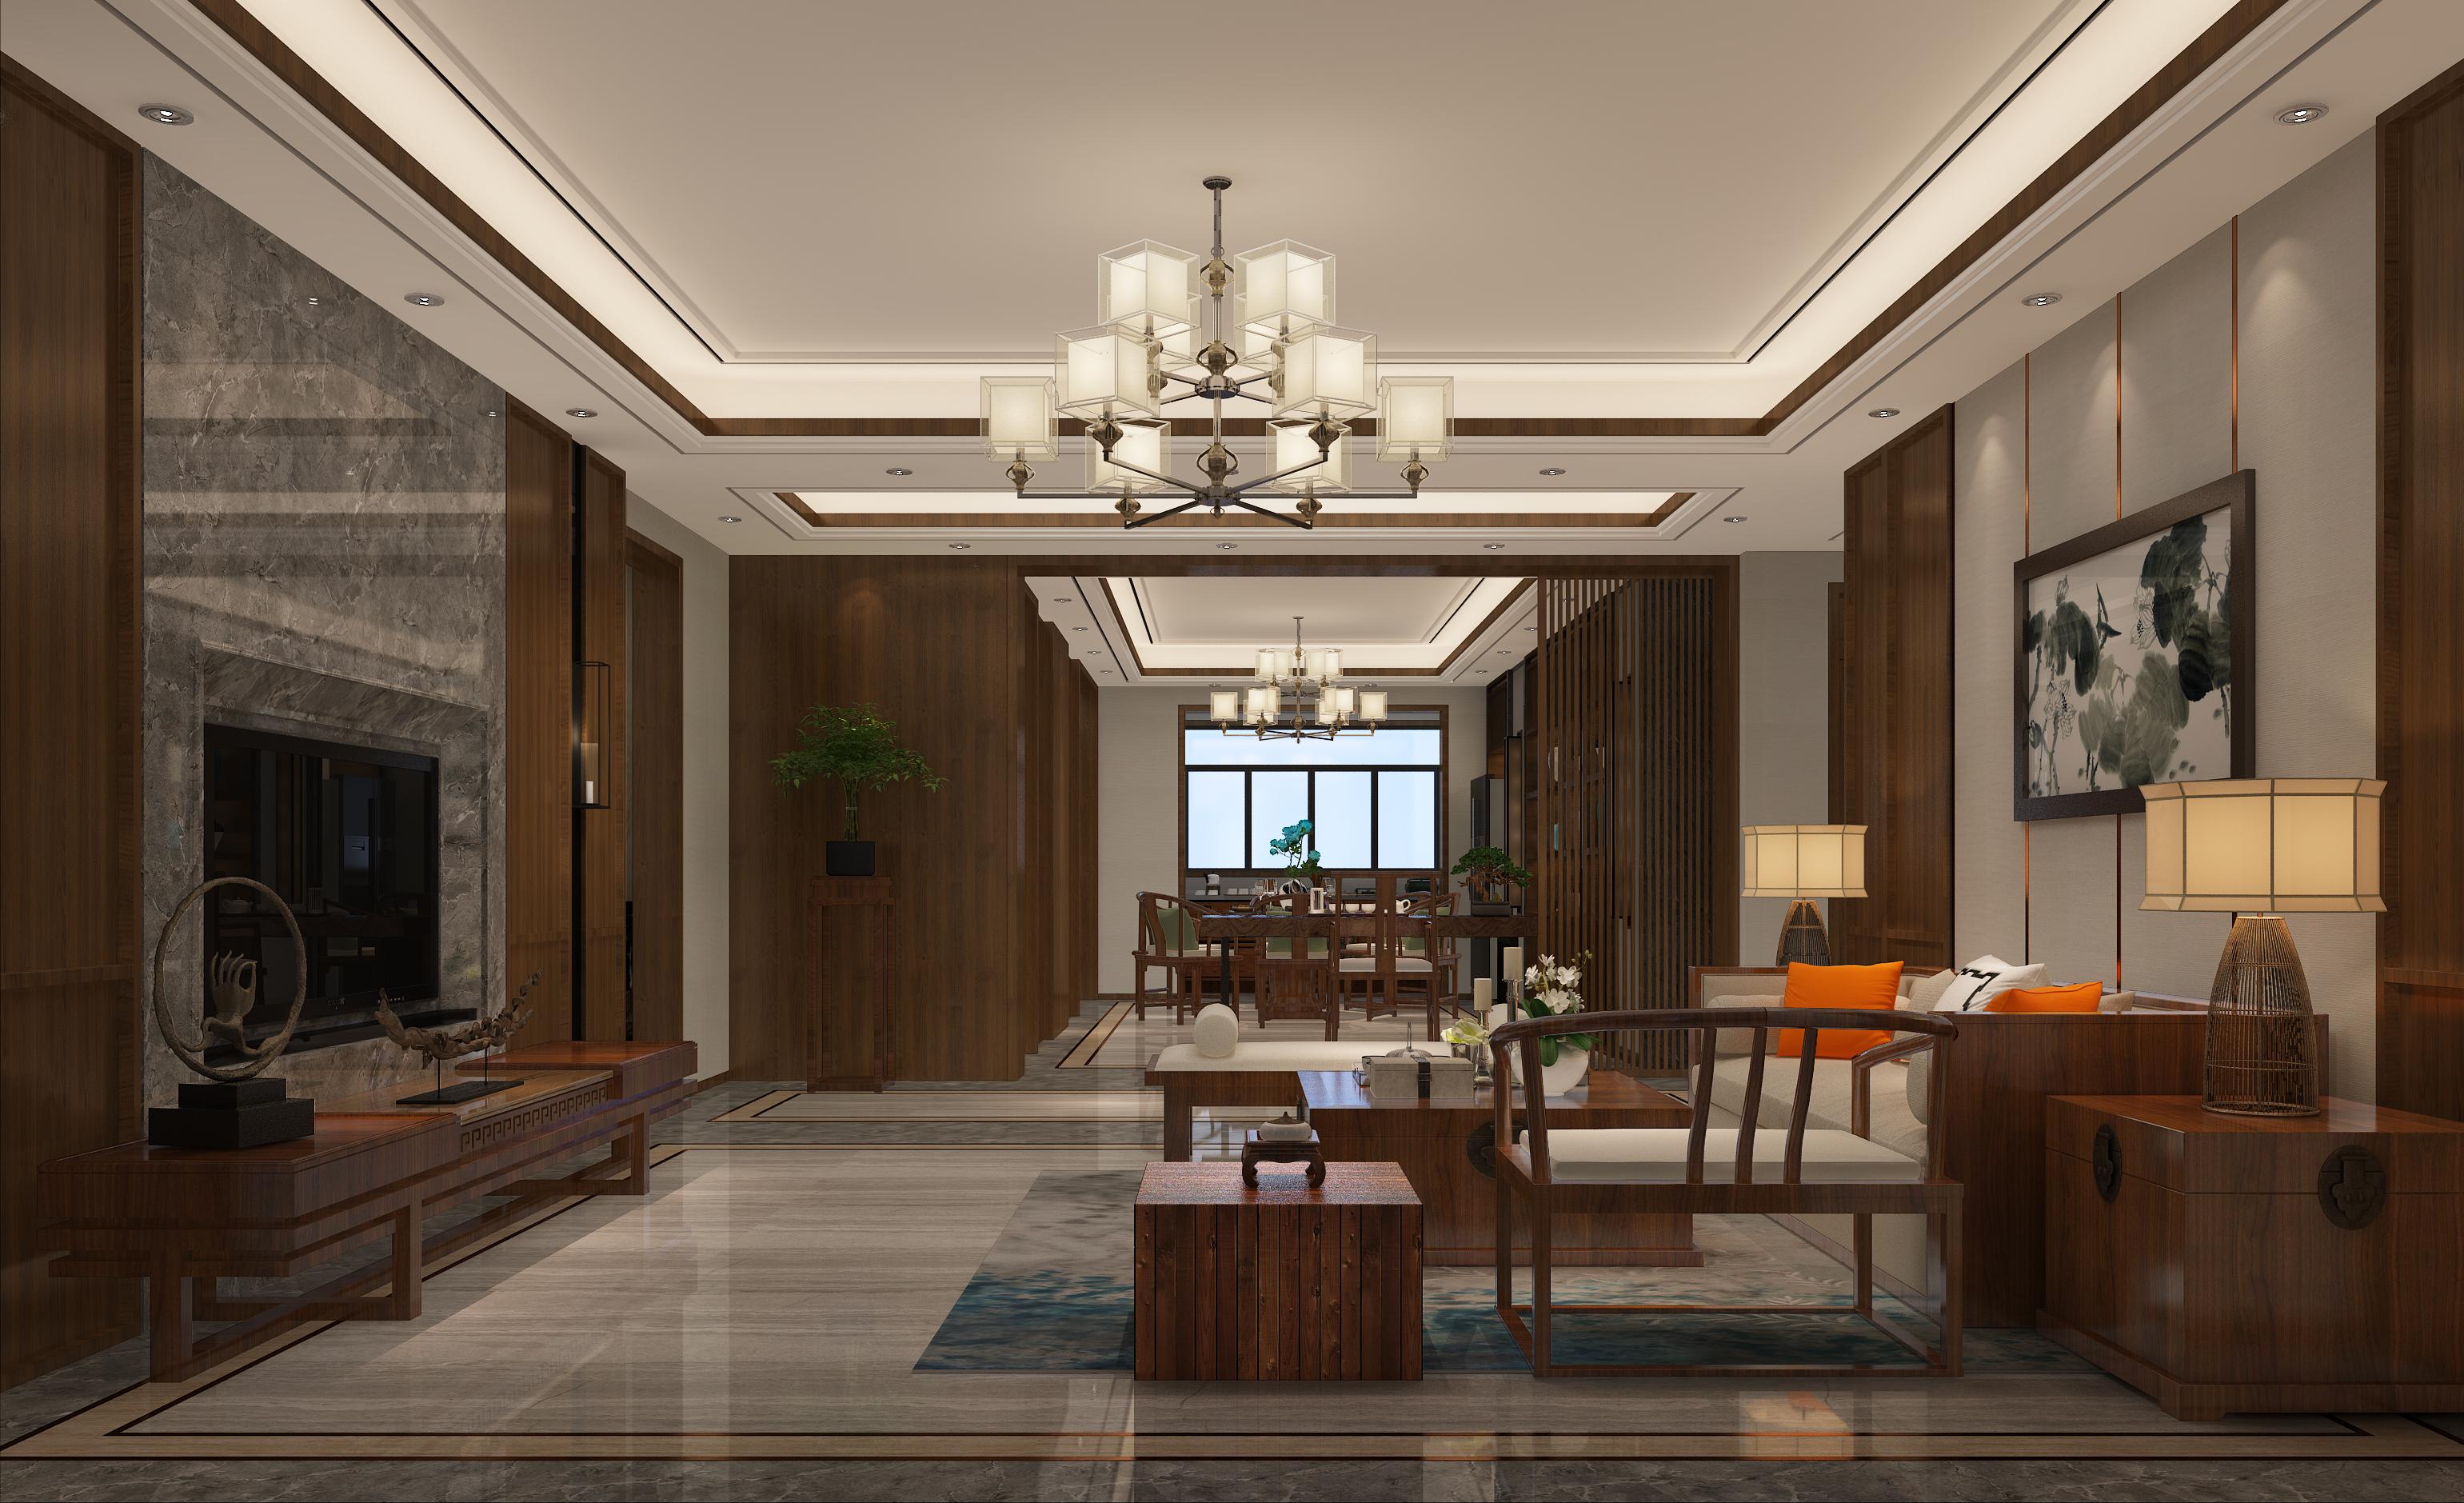 中式别墅装修客厅设计图